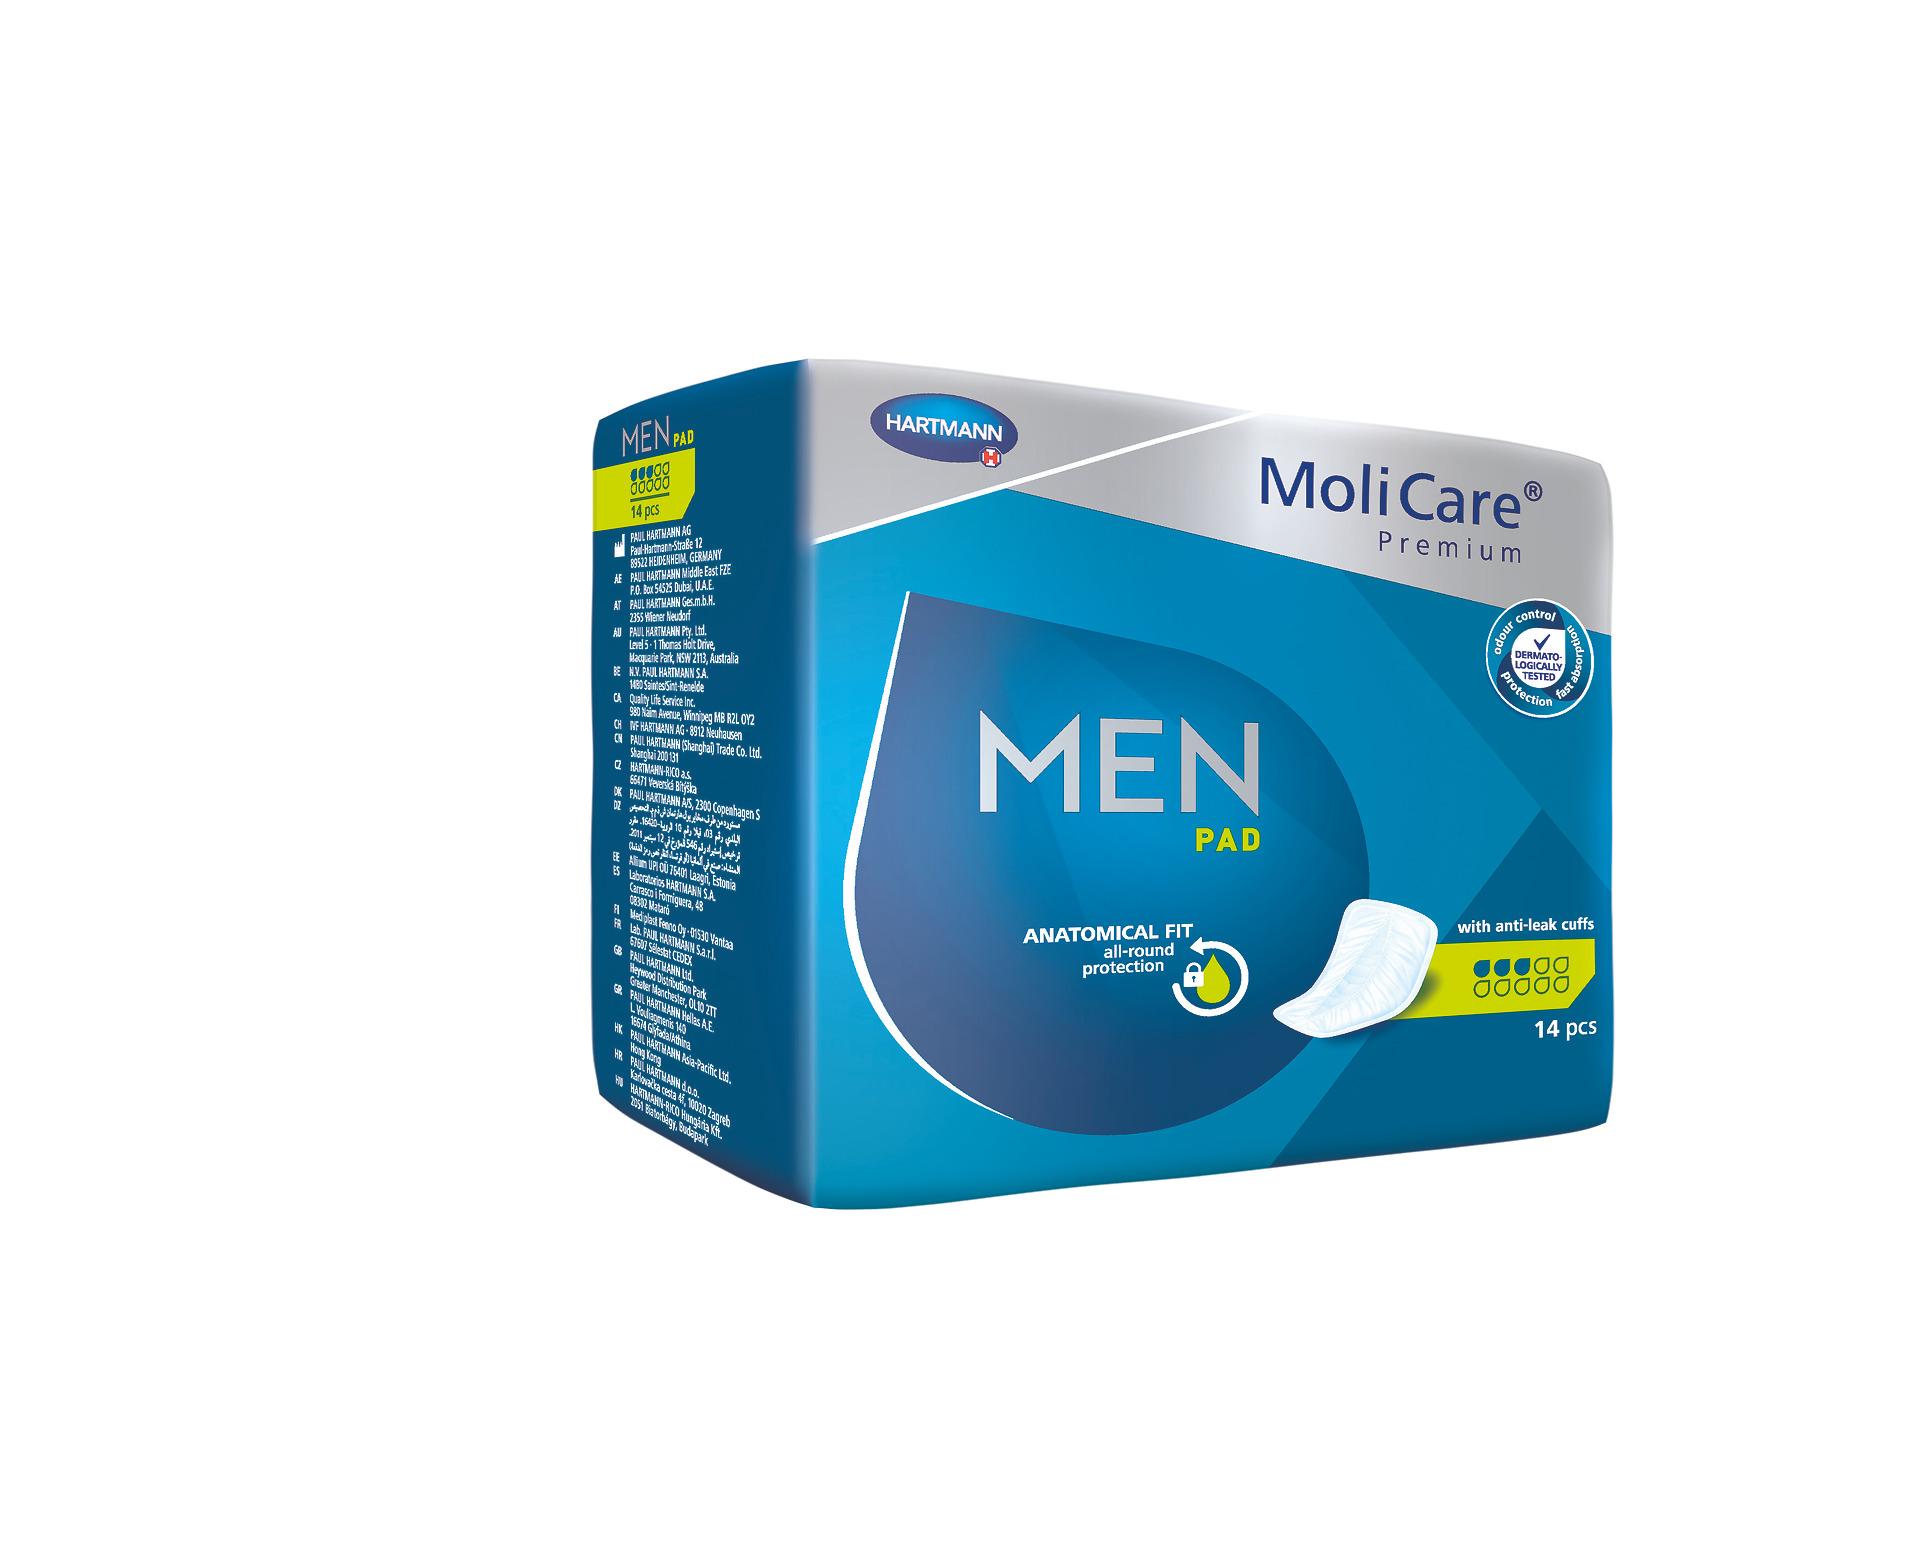 Molicare Premium Men Pads